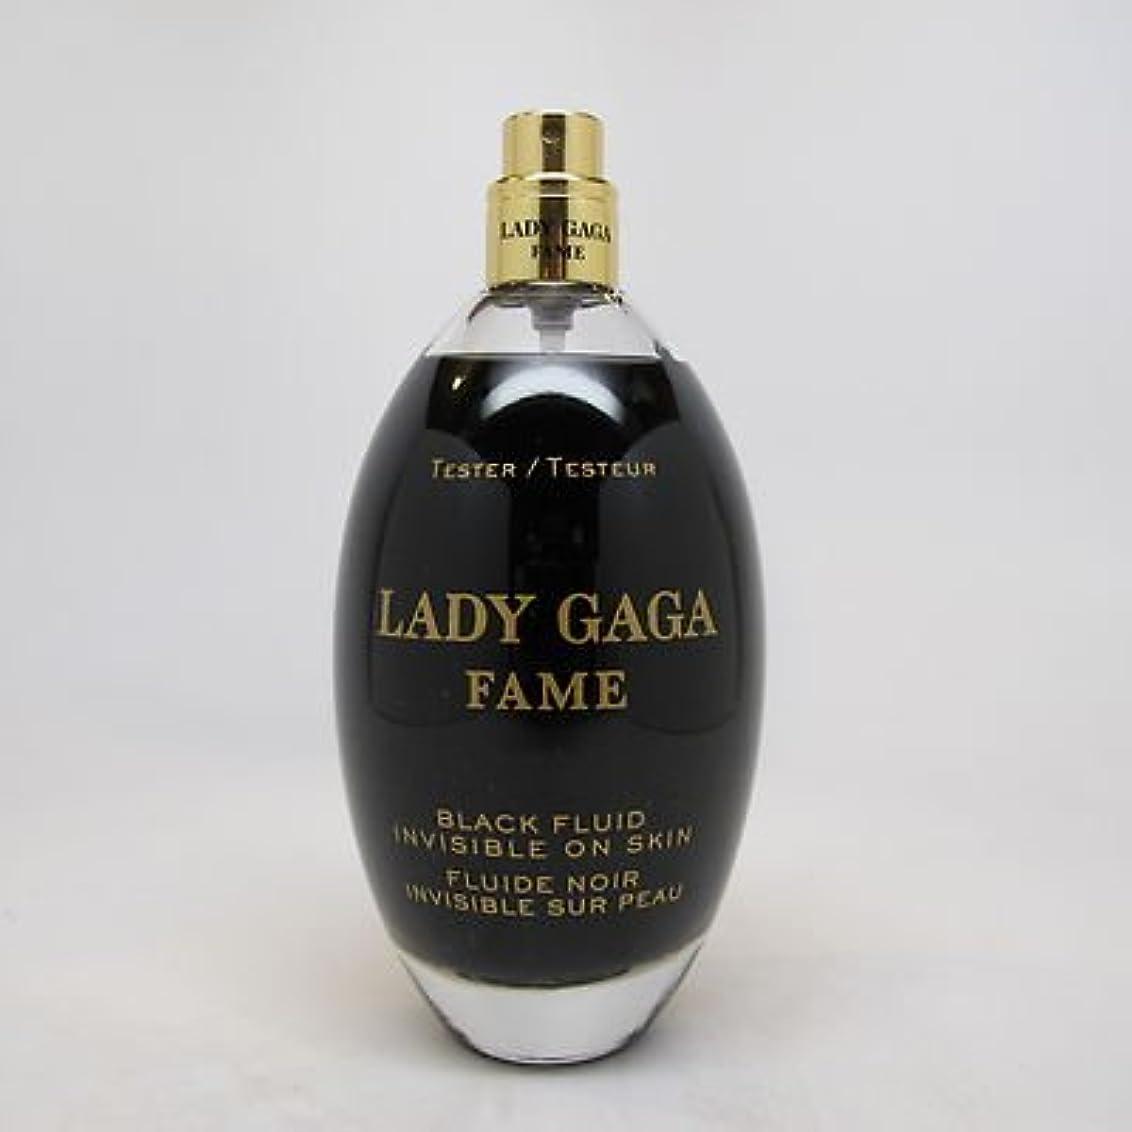 不和額気難しいLady Gaga Fame (レディーガガ フェイム)3.4 oz (100ml) EDP Spray (テスター/箱なし?キャップなし)